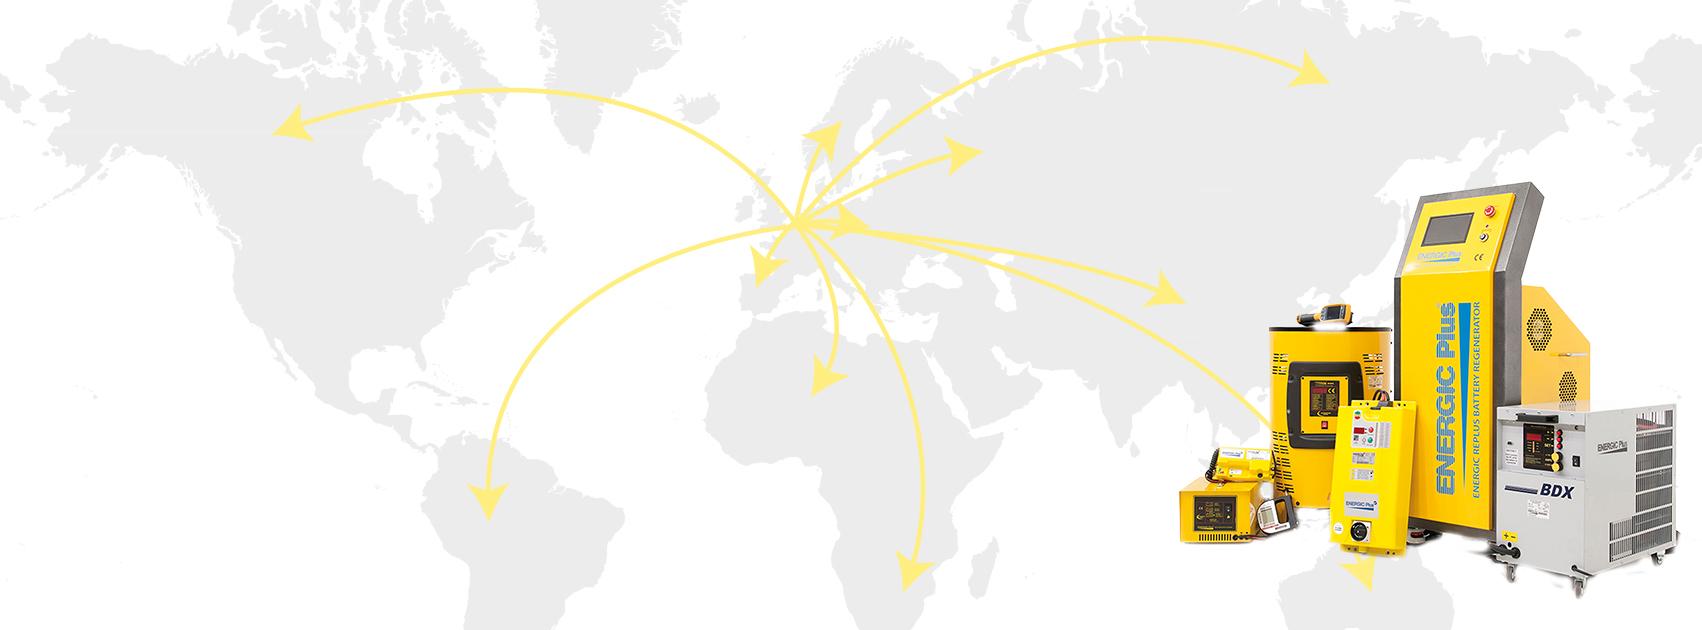 Energic Plus worldwide